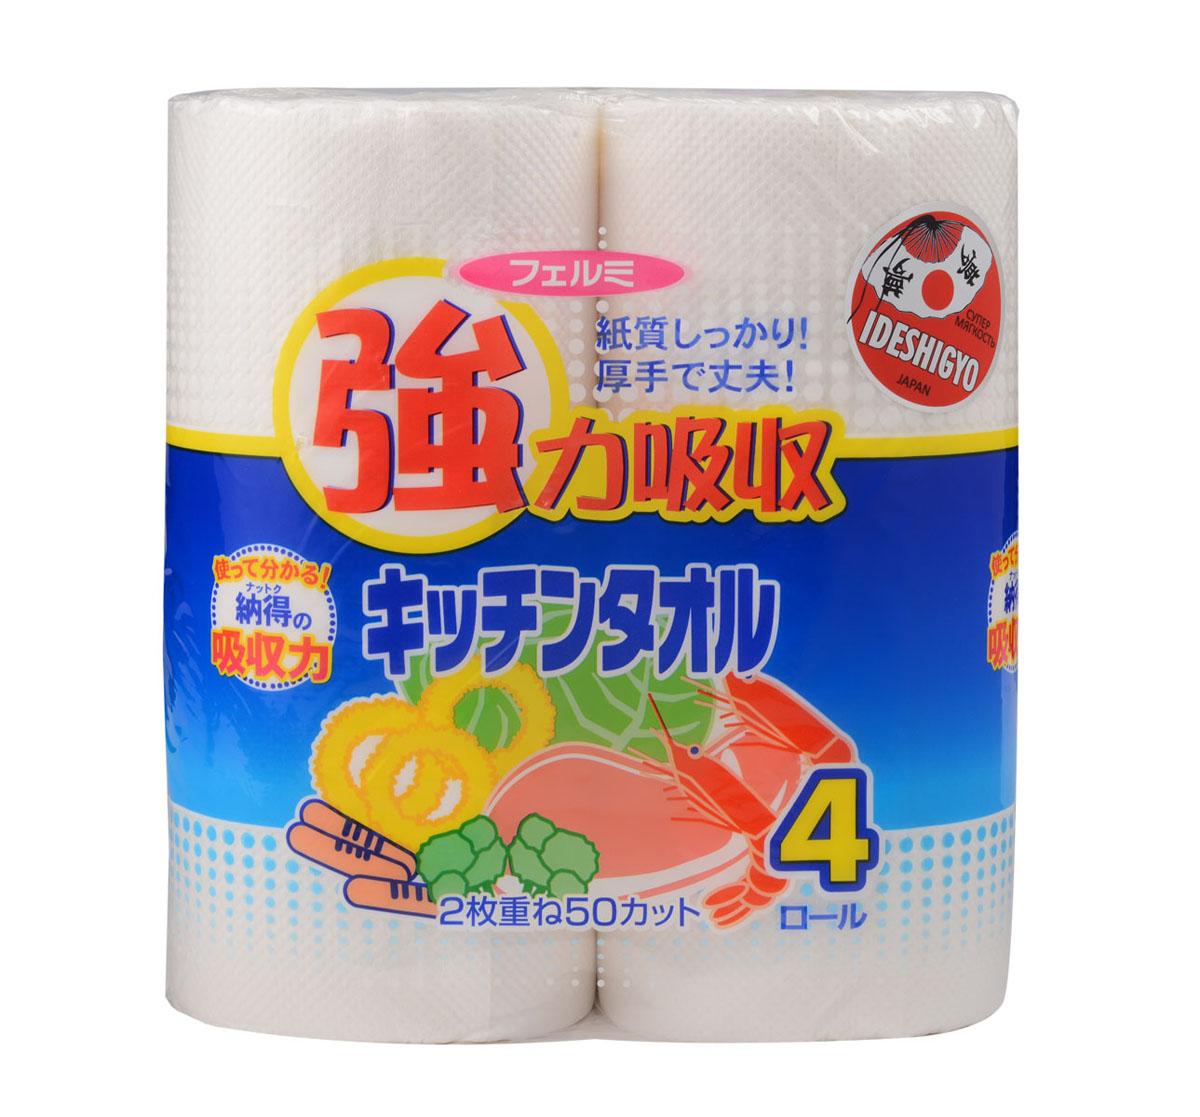 Бумажные полотенца для кухни IDESHIGYO DUE, 2-х слойные, 4 штIRK-503Бумажные полотенца для кухни IDE отличаются повышенной впитываемостью. Это обеспечивается 2 – х слойной толщиной материала. / Мягкие, очень приятные на ощупь, но в то же время достаточно прочные и не рвутся при намокании./ Кухонные бумажные полотенца изготовлены из природных материалов и воды из источников Фудзи./ Бумажные полотенца всегда найдут себе применение: они прекрасно удаляют с поверхностей разлитые жидкости, впитывают влагу и жир, используются для протирания столов, стёкол и окон, плит, кухонной мебели./ Состав: натуральная 100% целлюлоза./ Срок годности не ограничен.